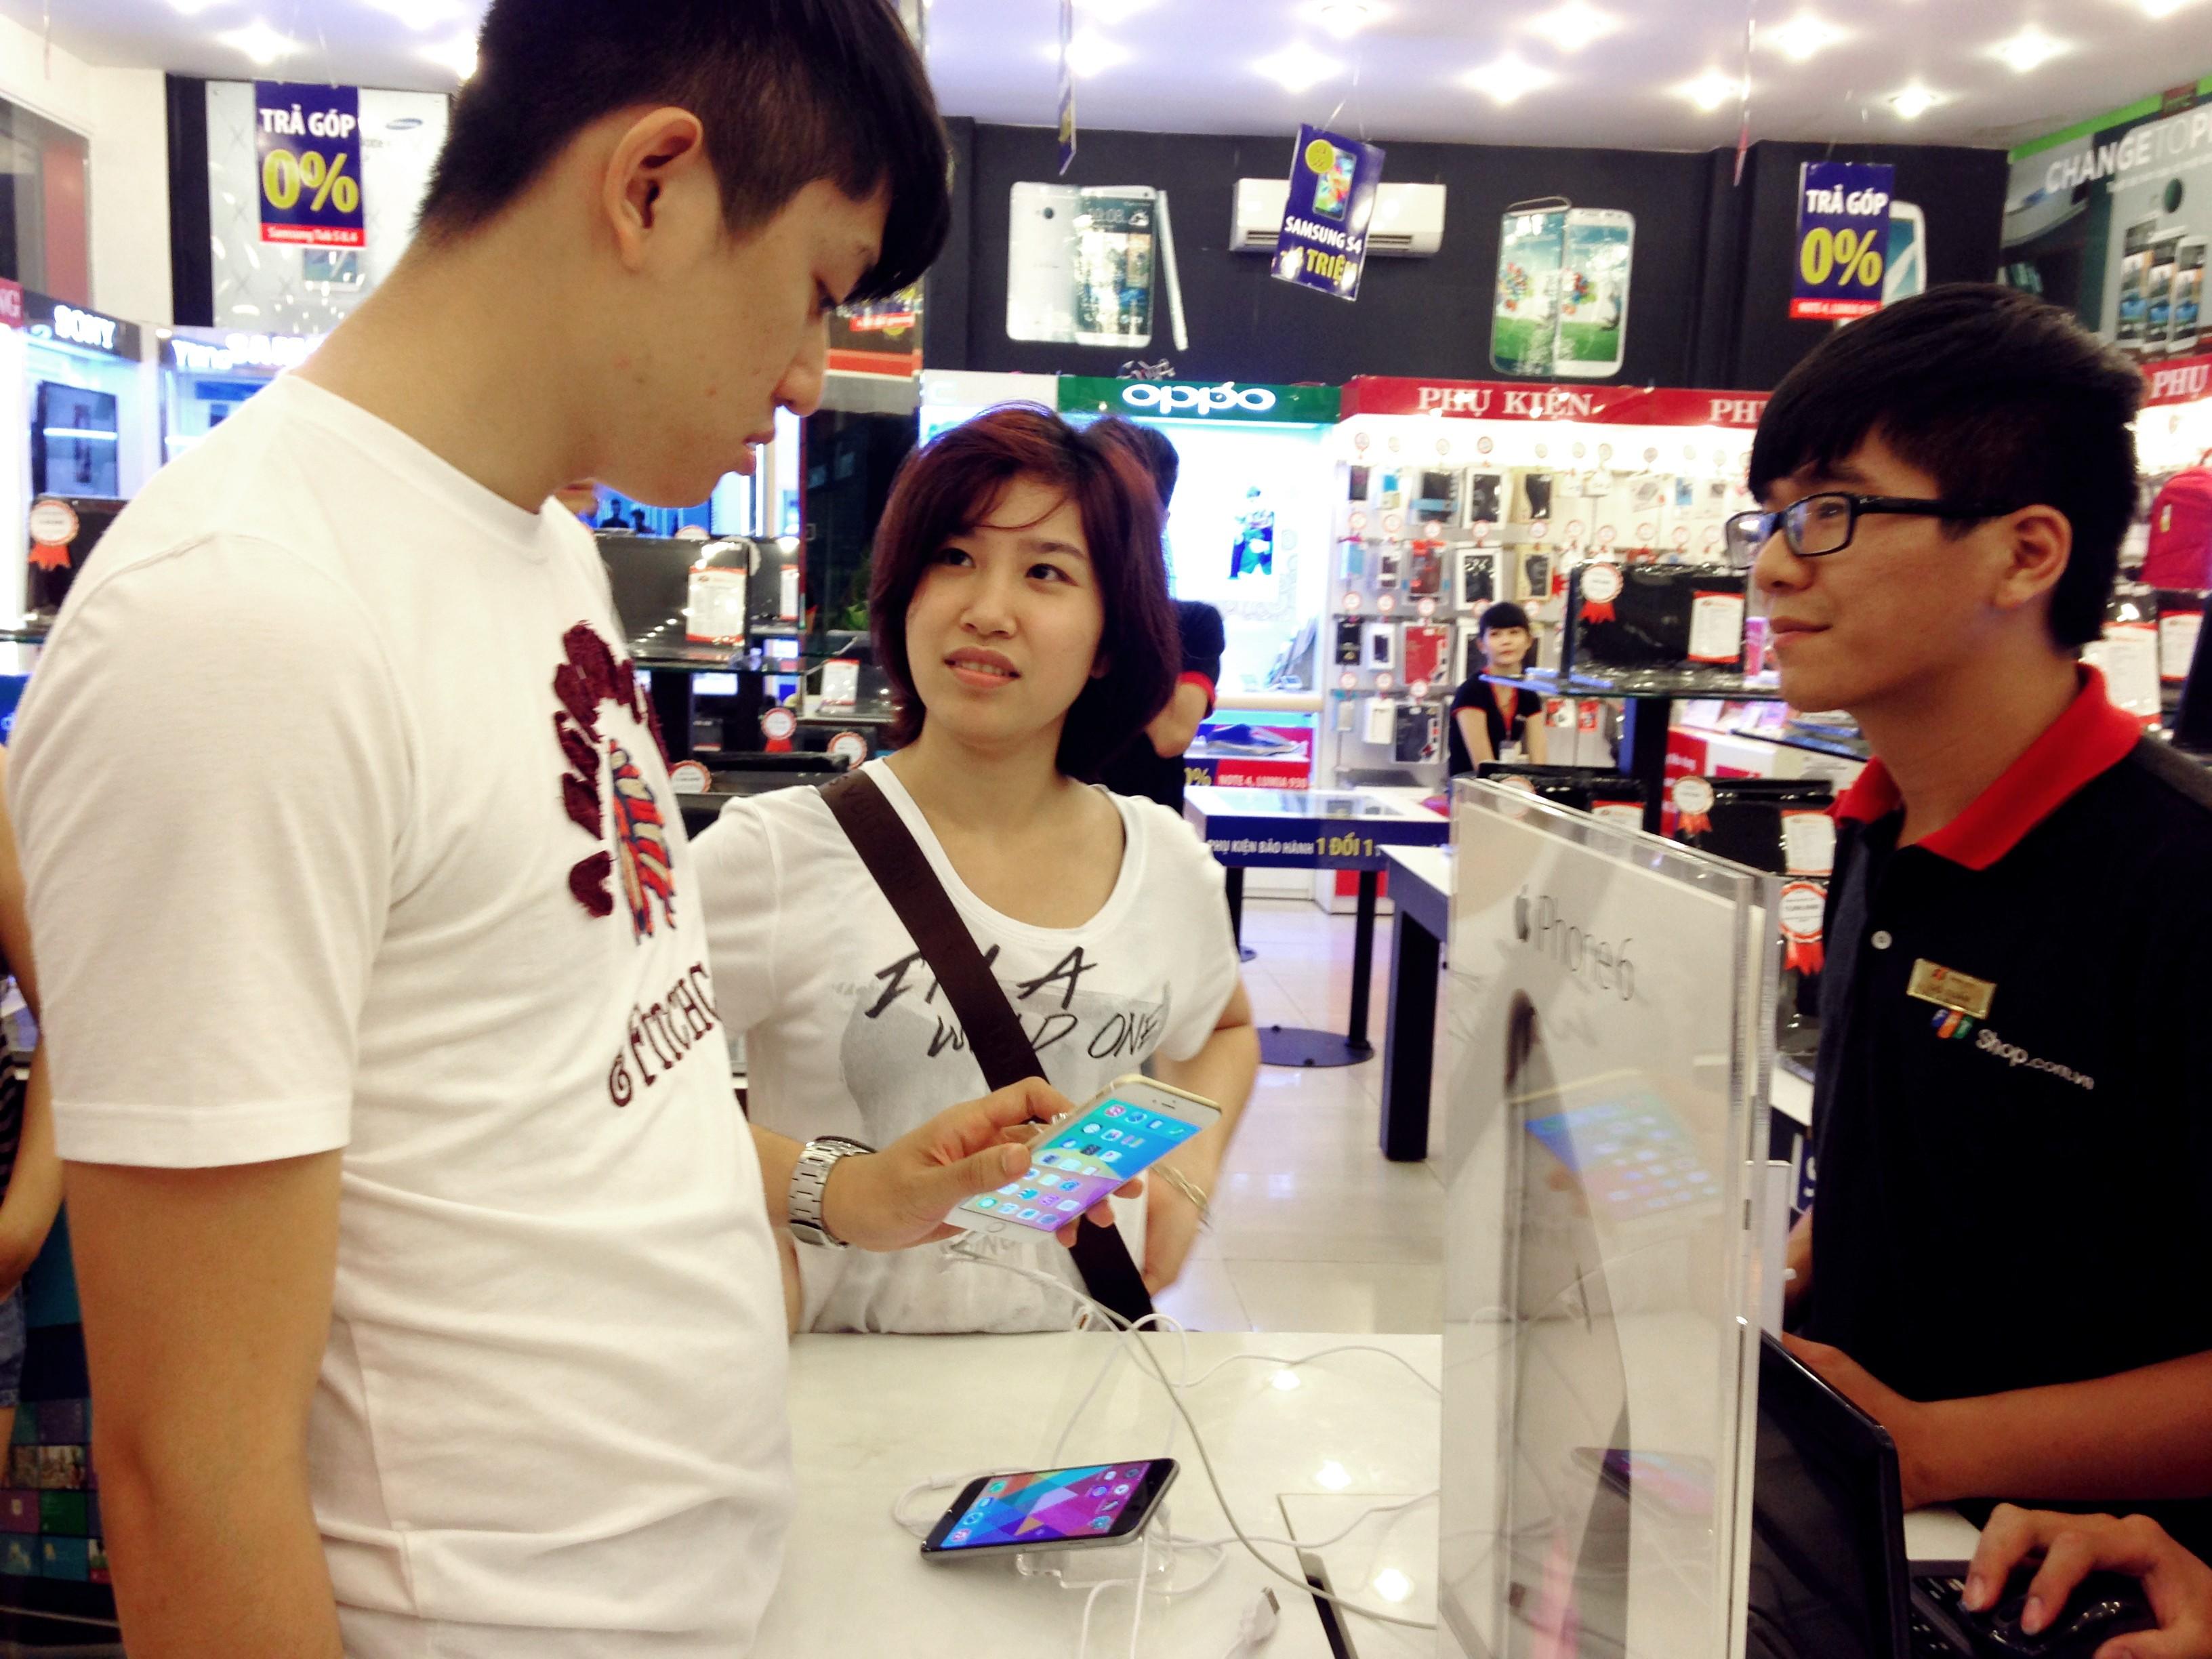 Hinh thi truong 484 - Thị trường ĐTDĐ tháng 12: Lumia 535, Oppo R5 gây ấn tượng